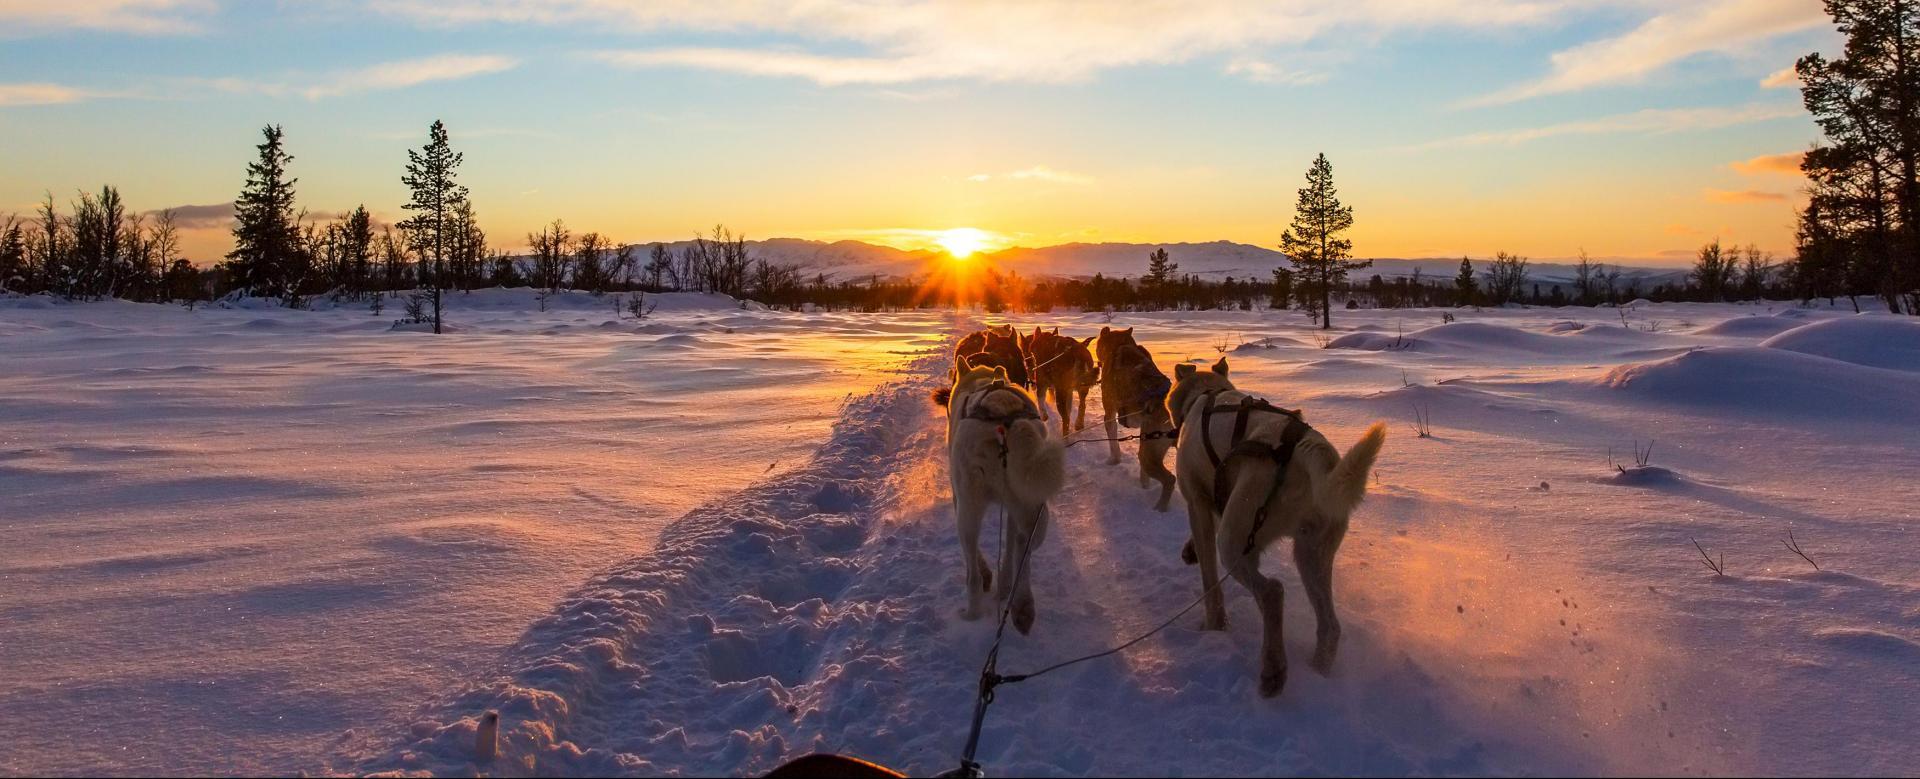 chien de traineaux canada - qu u00e9bec   aventure en tra u00eeneau  u00e0 chiens - tra u00eeneau  u00e0 chiens